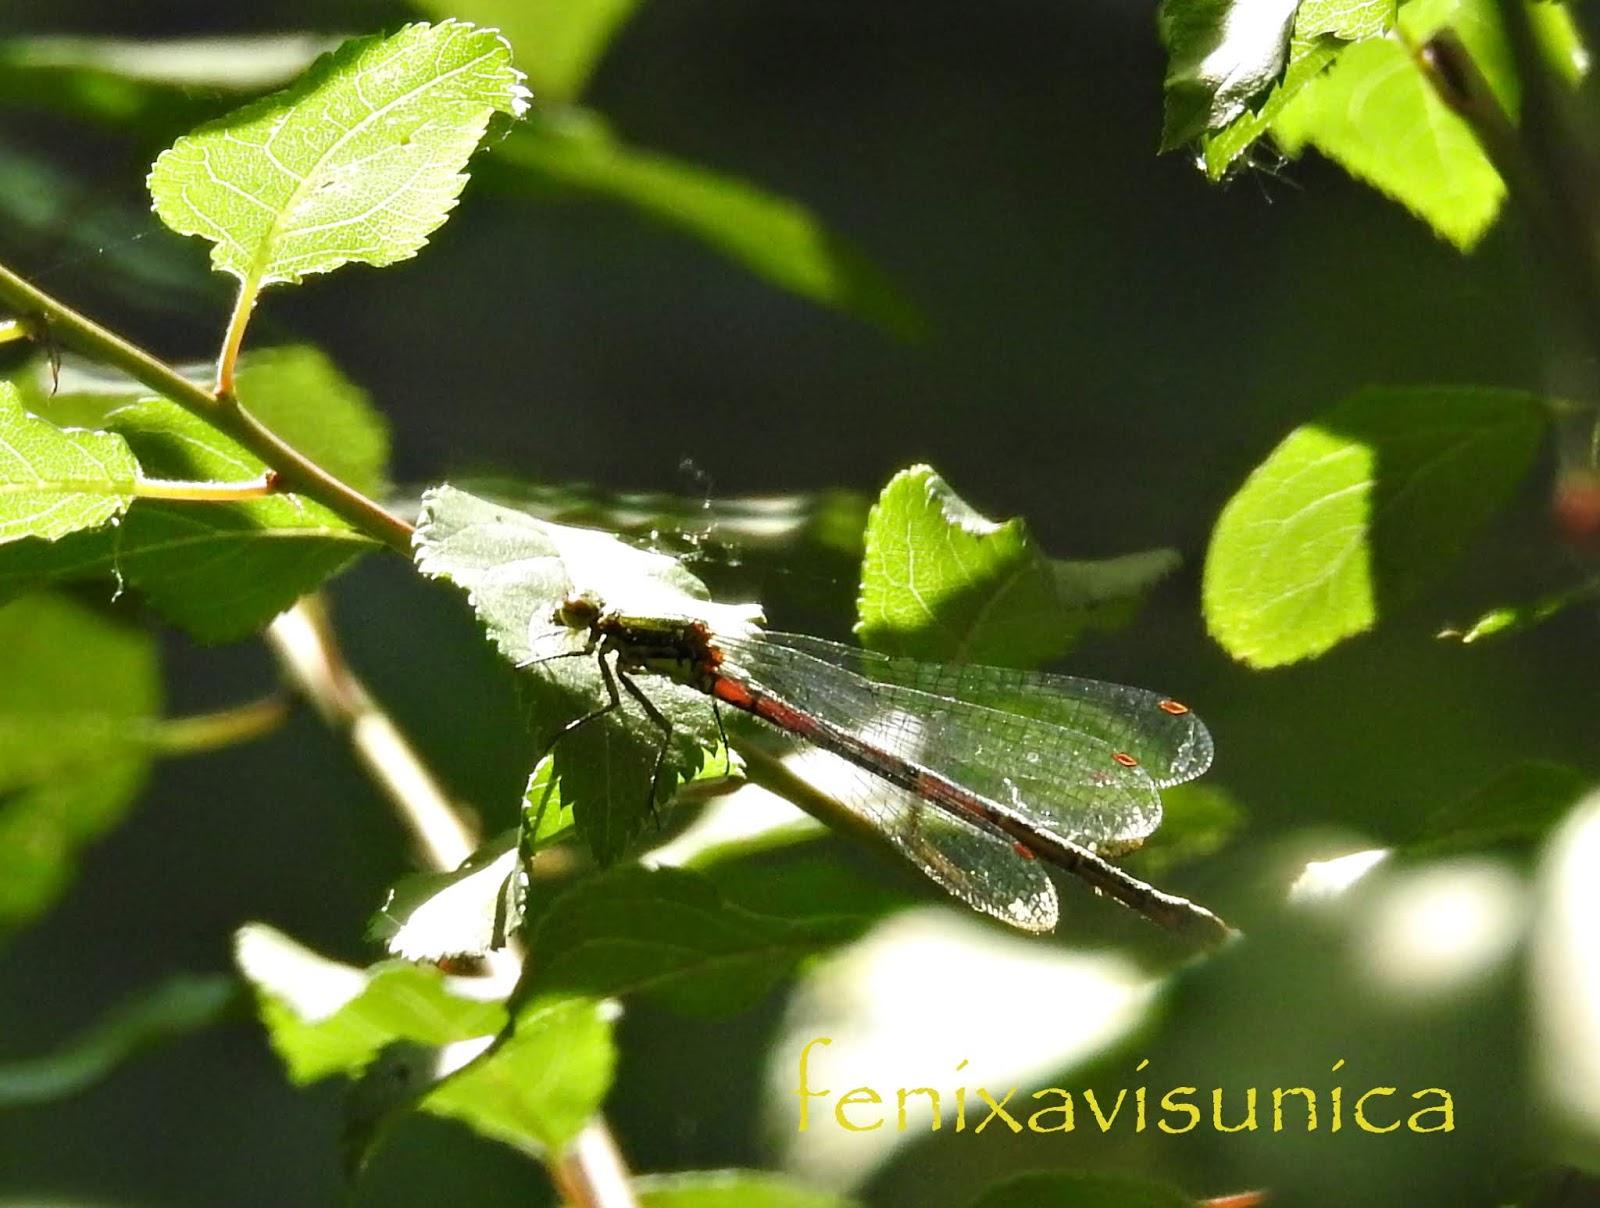 fenixavisunica .: Algunas libélulas